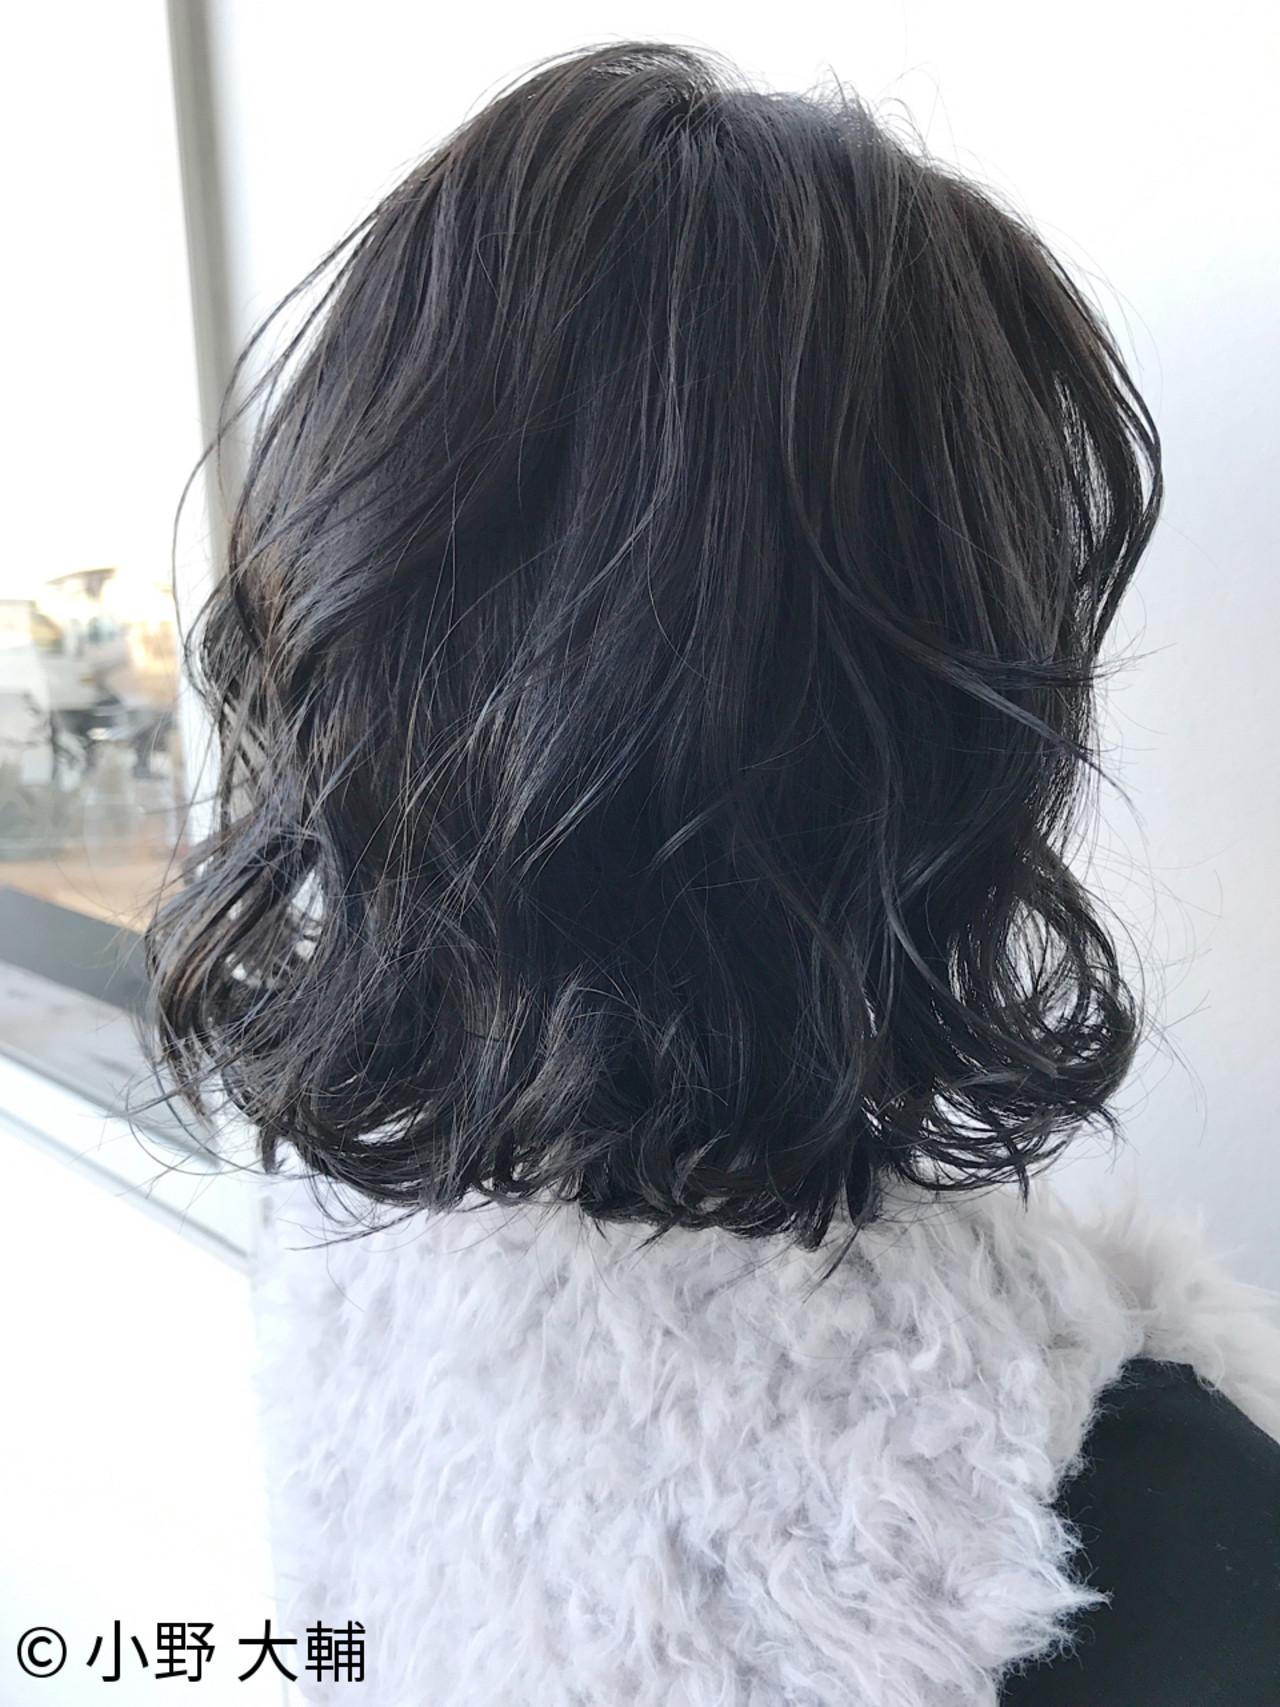 冬 ボブ アッシュ ナチュラル ヘアスタイルや髪型の写真・画像